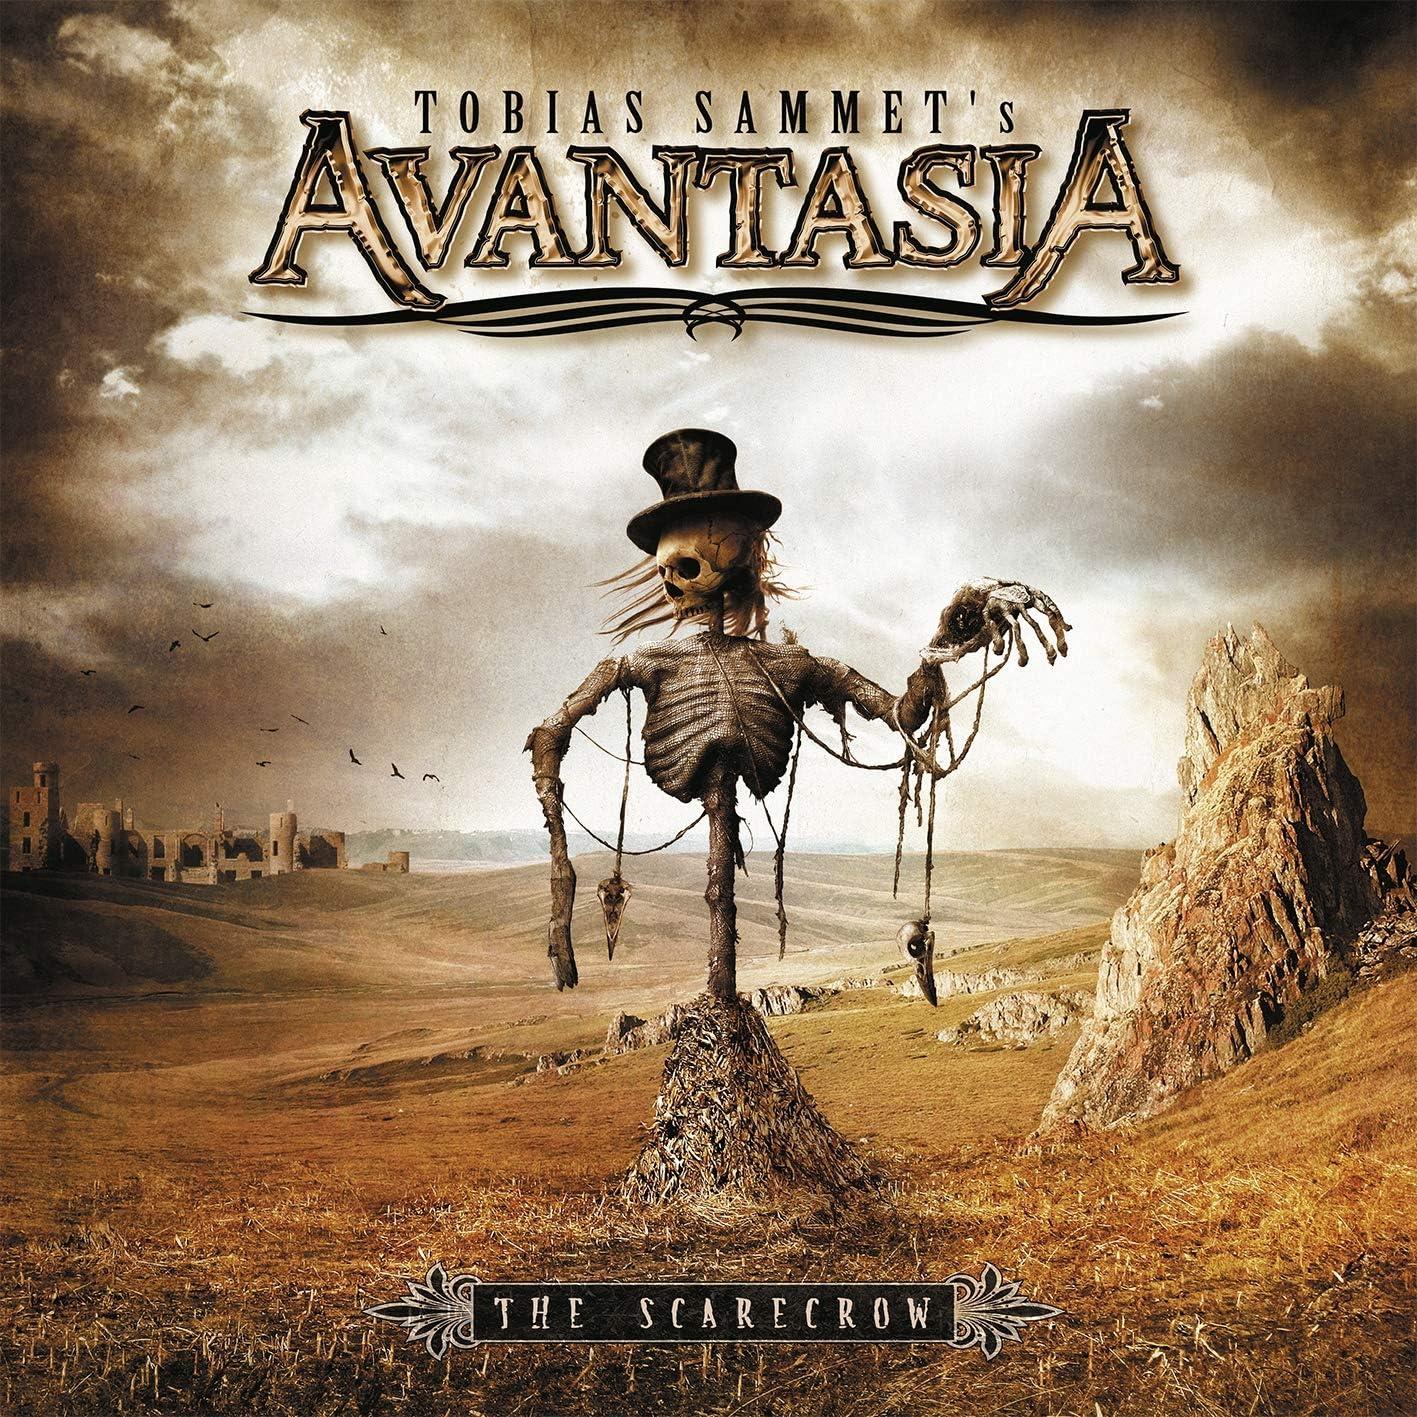 The Scarecrow: Avantasia